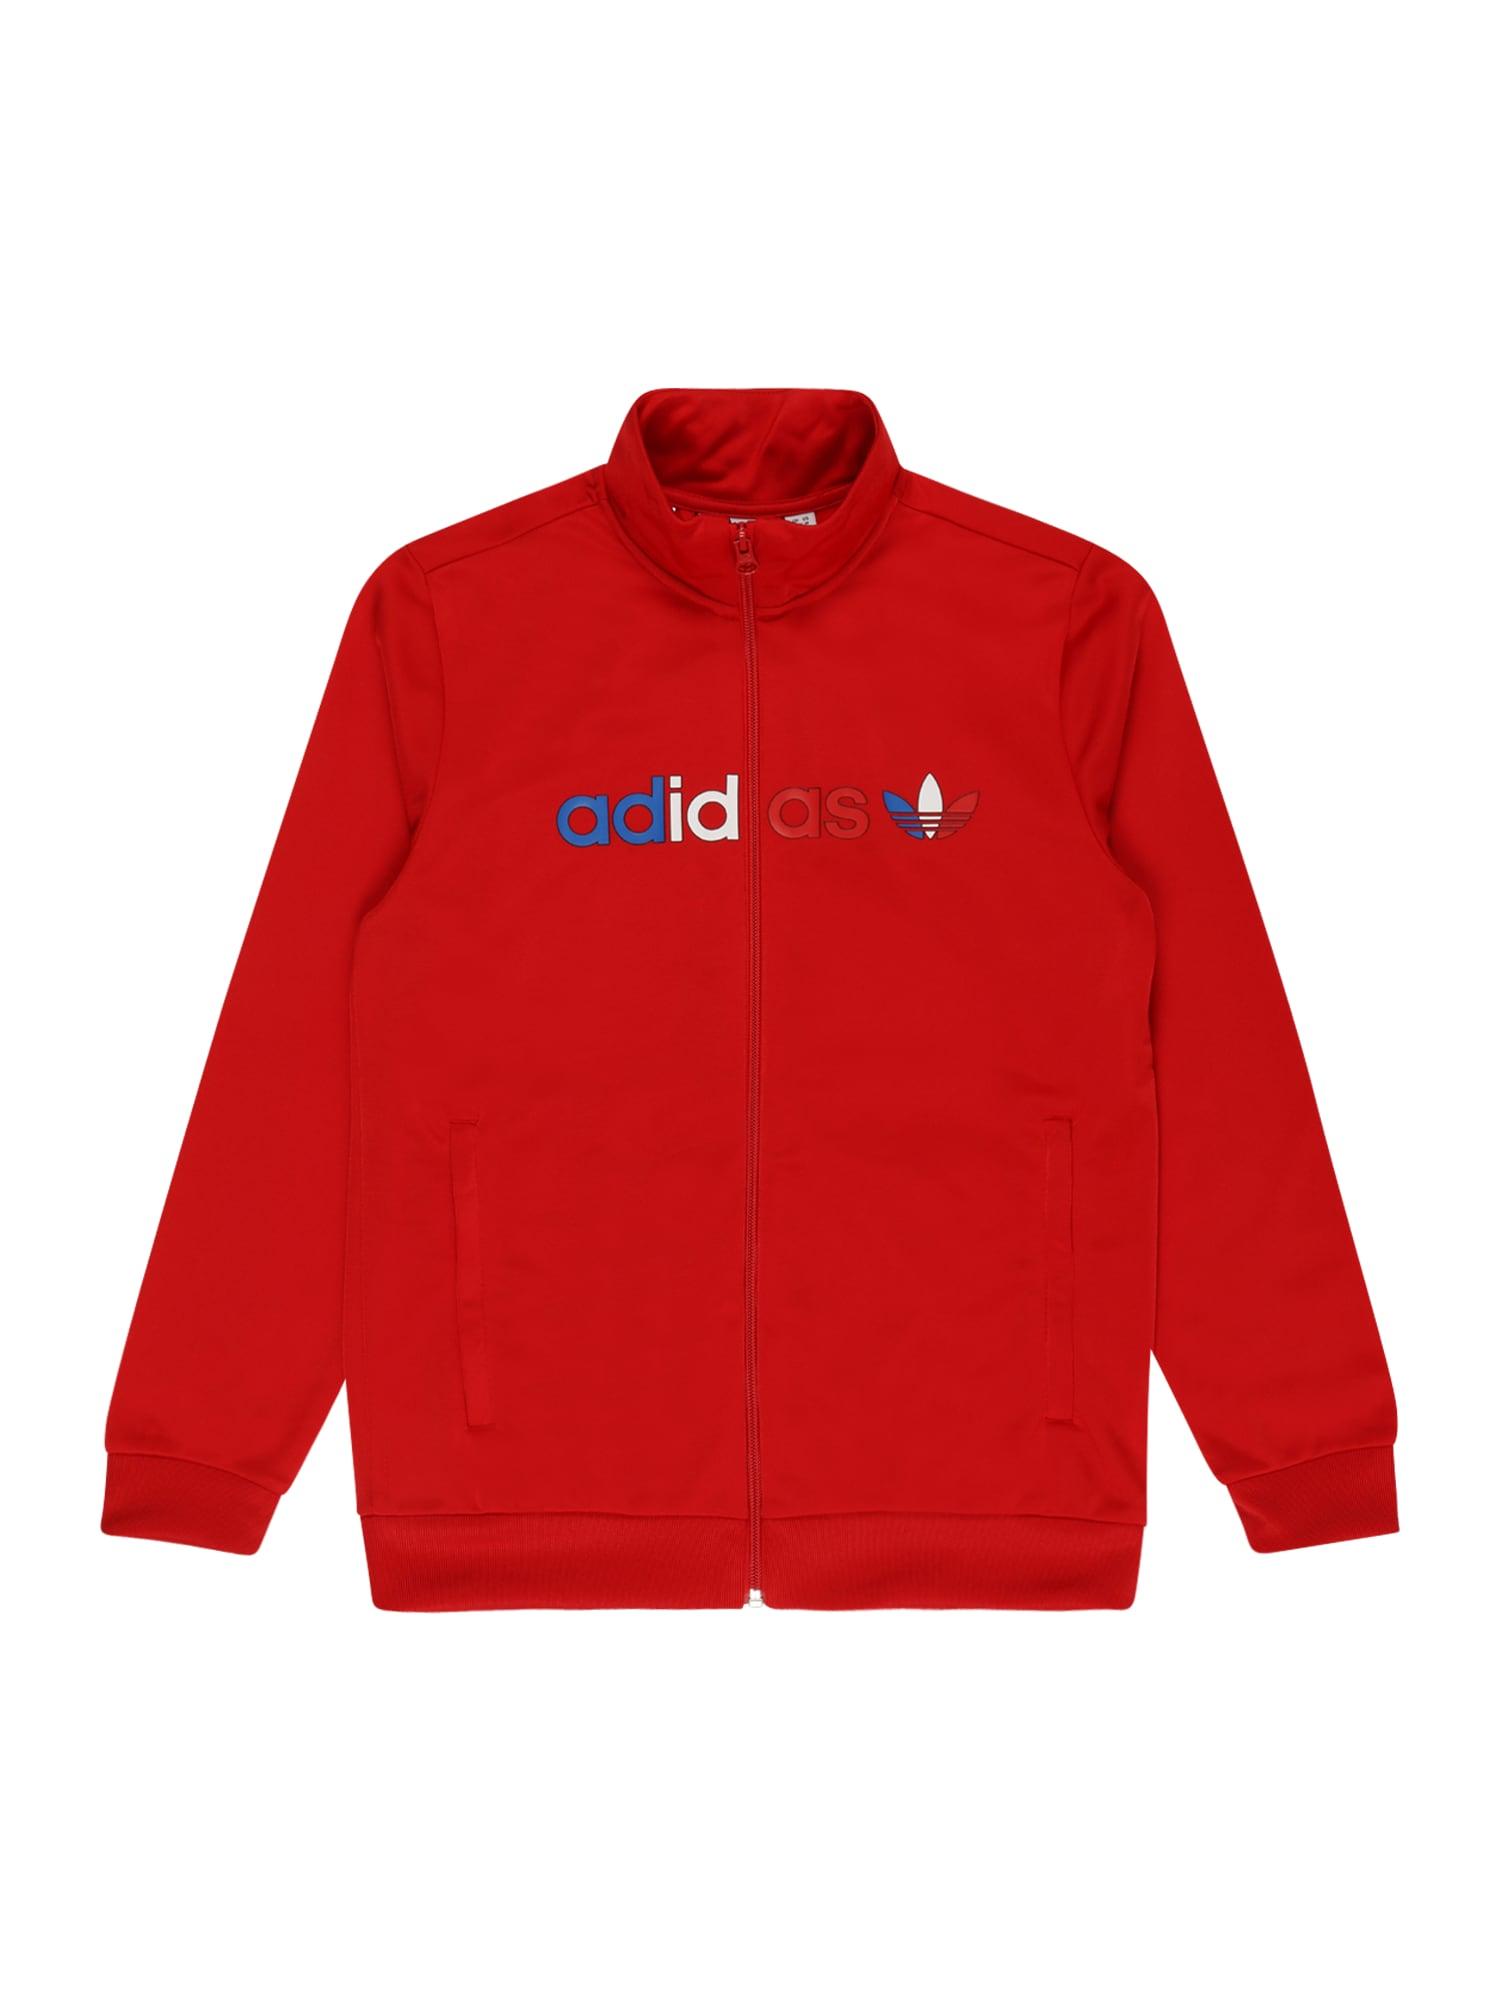 ADIDAS ORIGINALS Demisezoninė striukė raudona / mėlyna